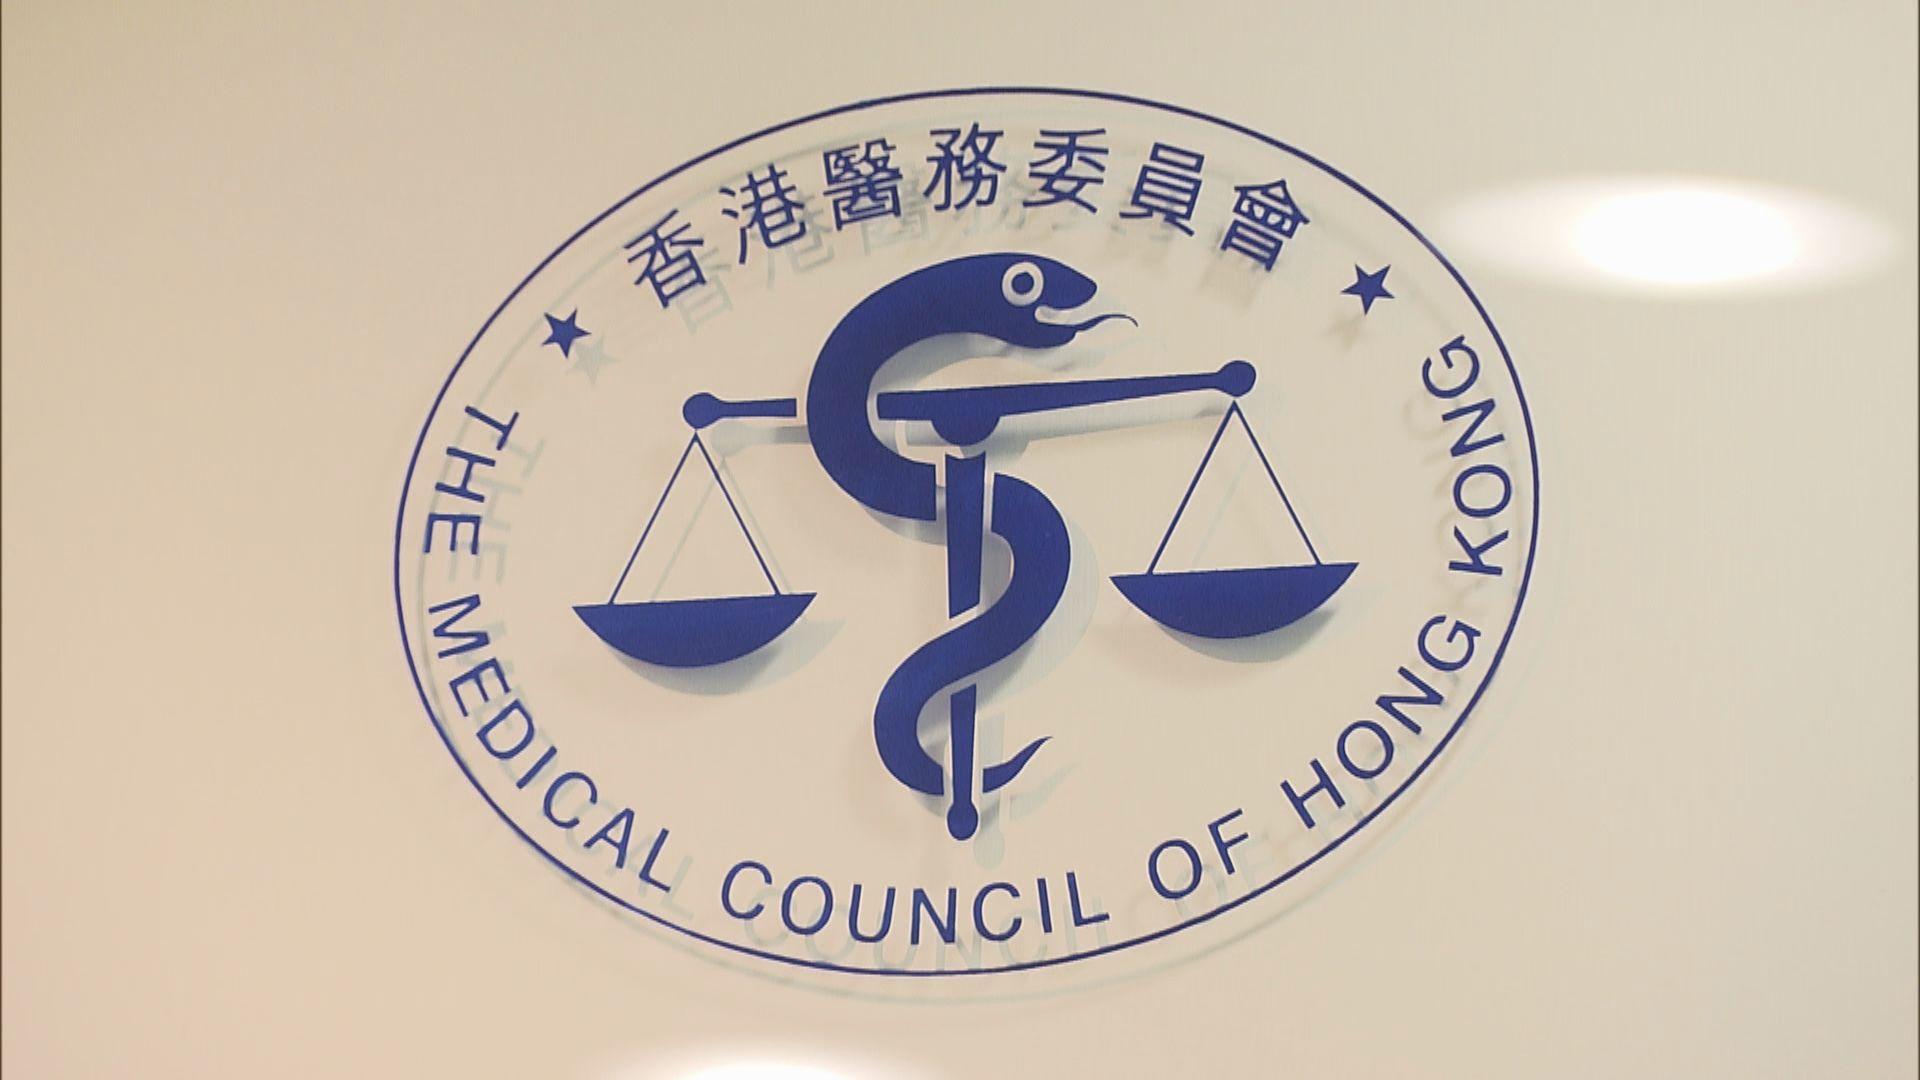 醫委會認為何志平案不適合判處緩刑